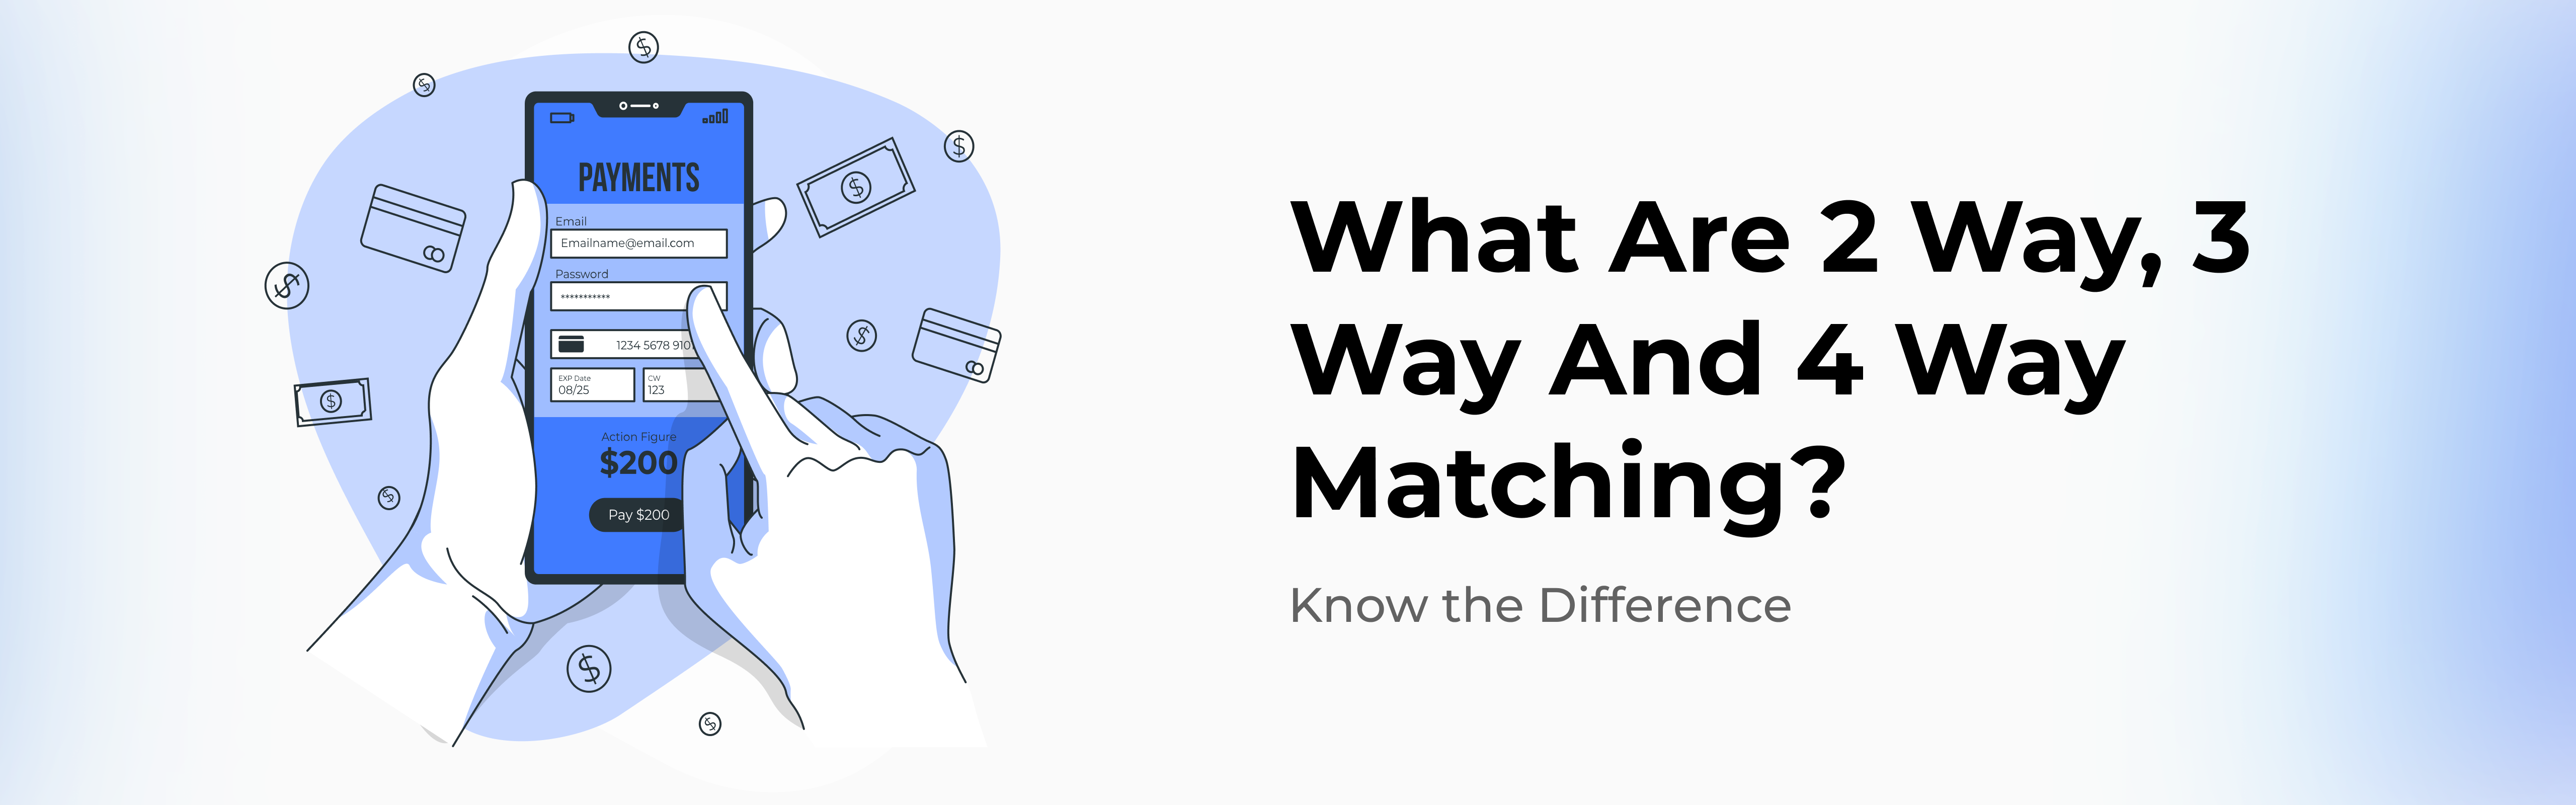 2-way-3-way-4-way-matching